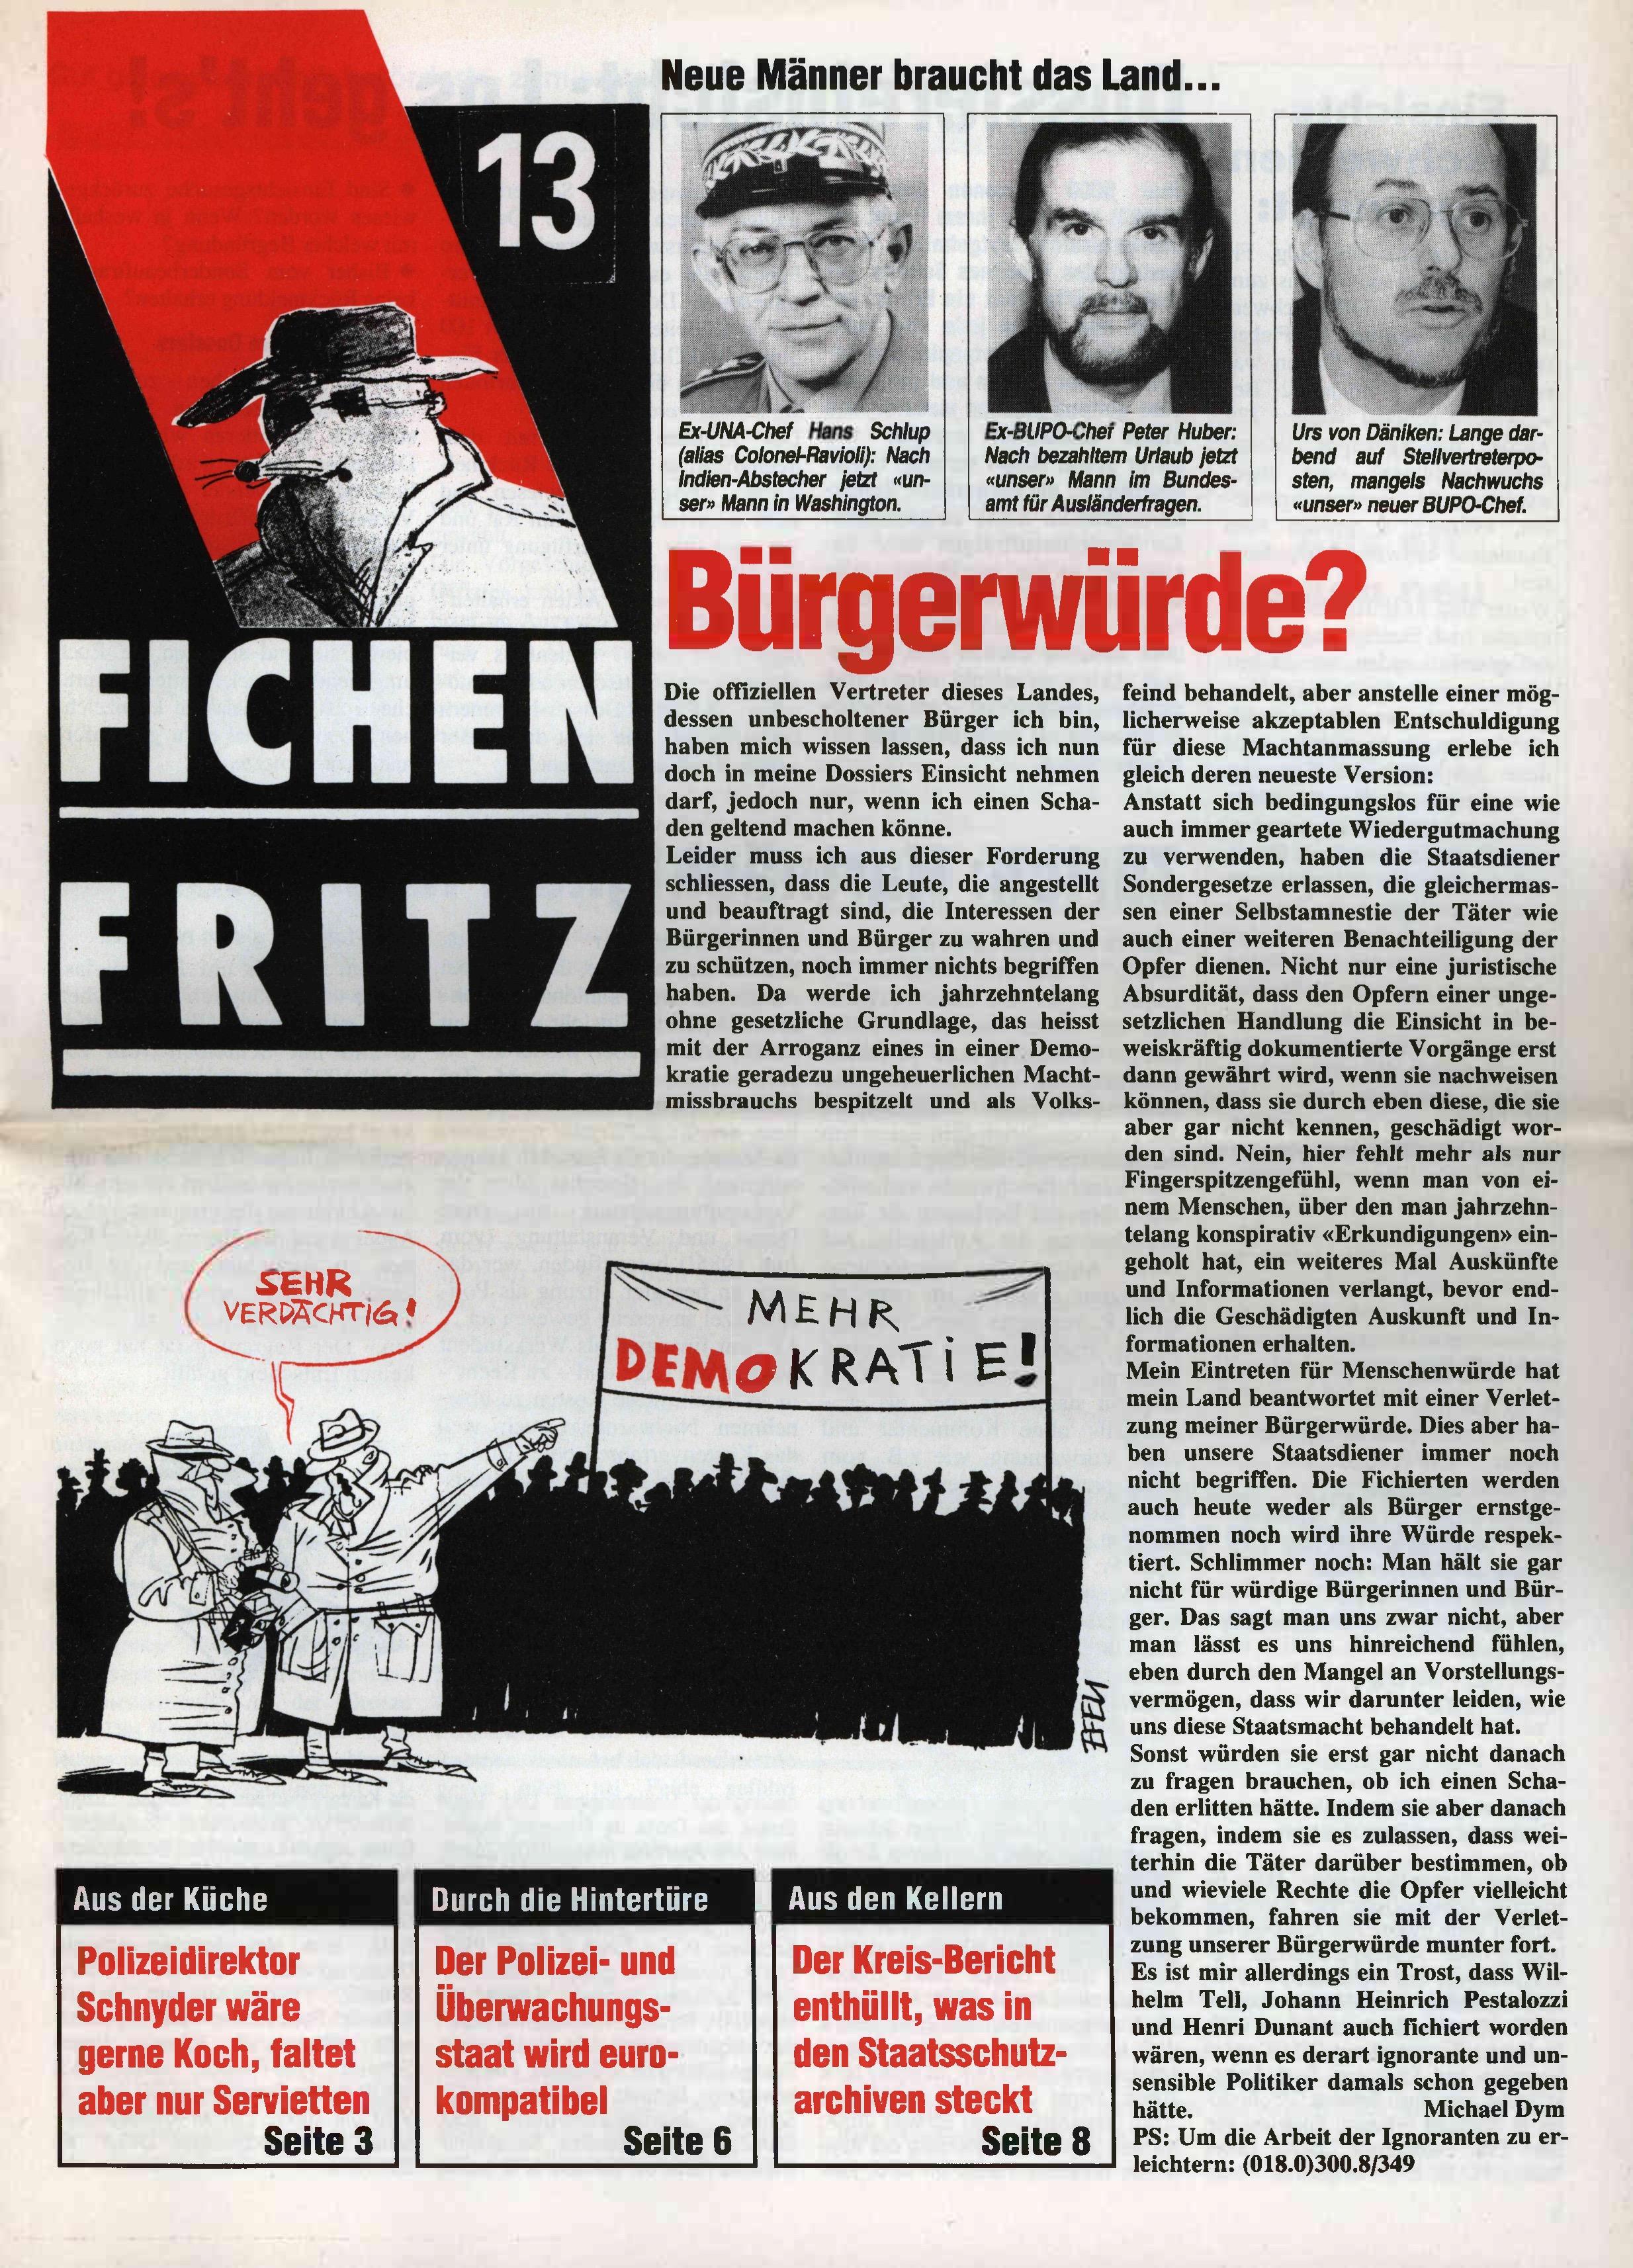 FICHEN FRITZ NR. 13 - SEITE 1